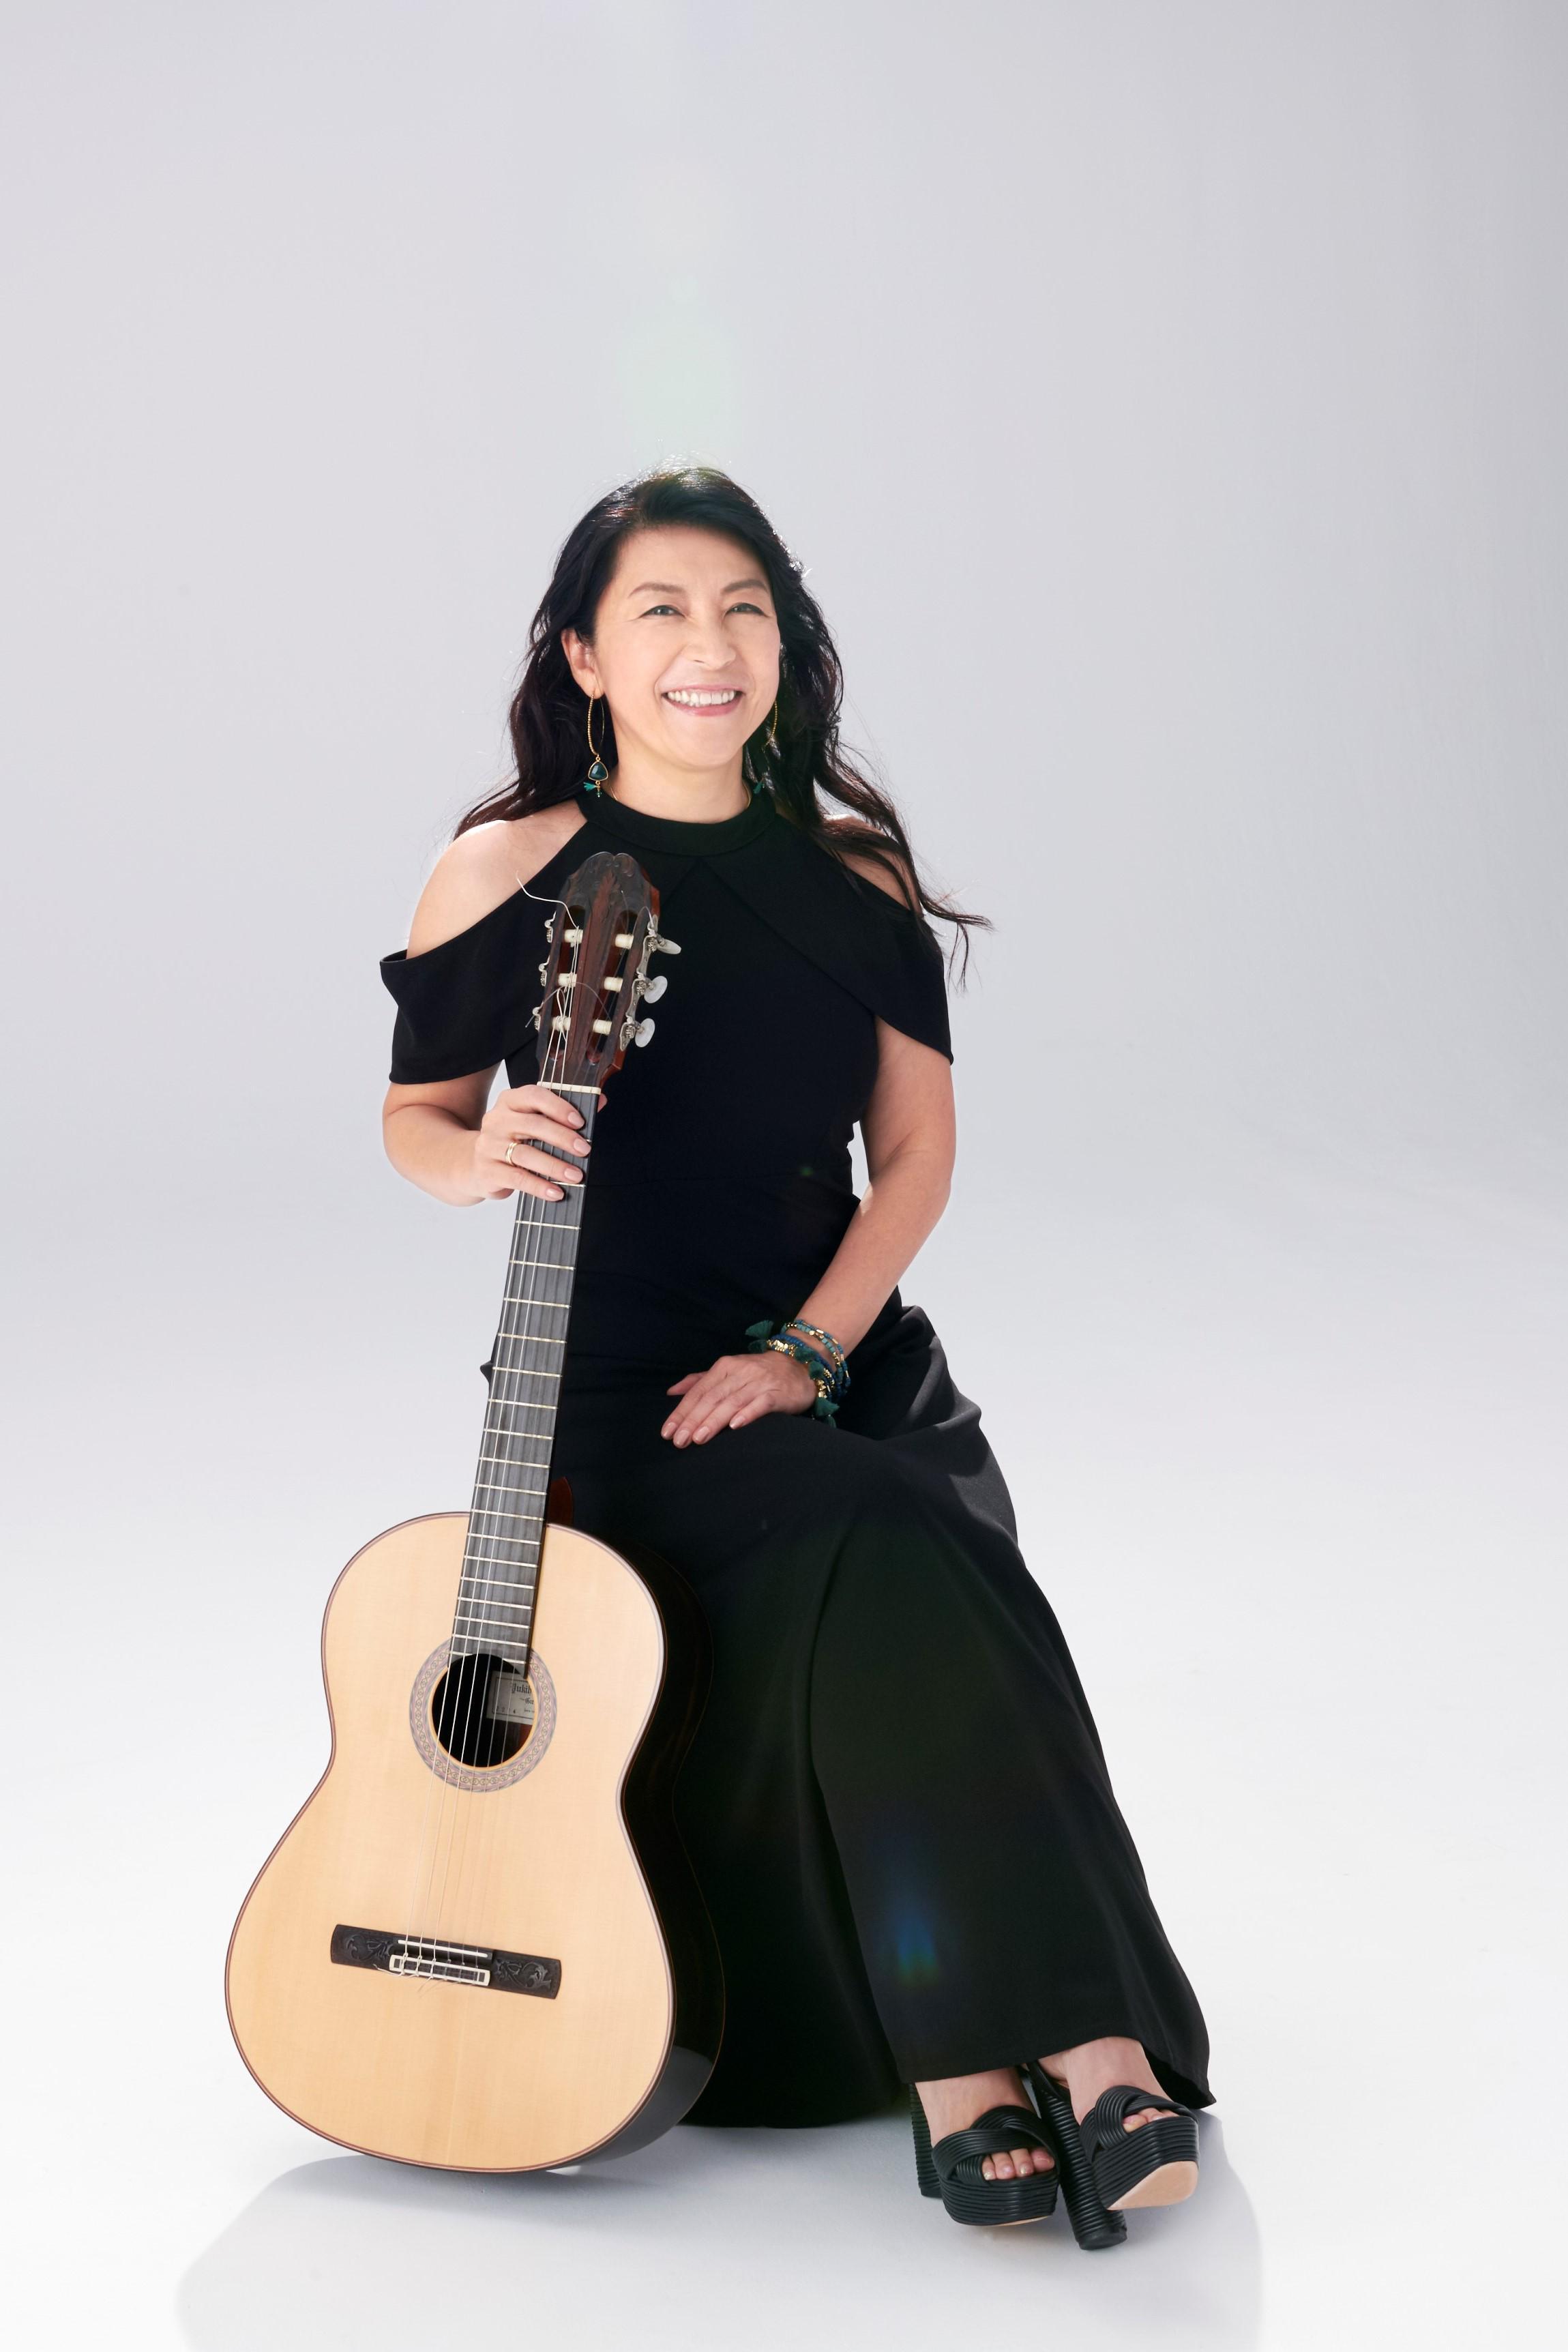 大和市文化創造拠点シリウス 開館5周年記念事業小野リサ コンサート 2021 Love Joy and Bossa Nova